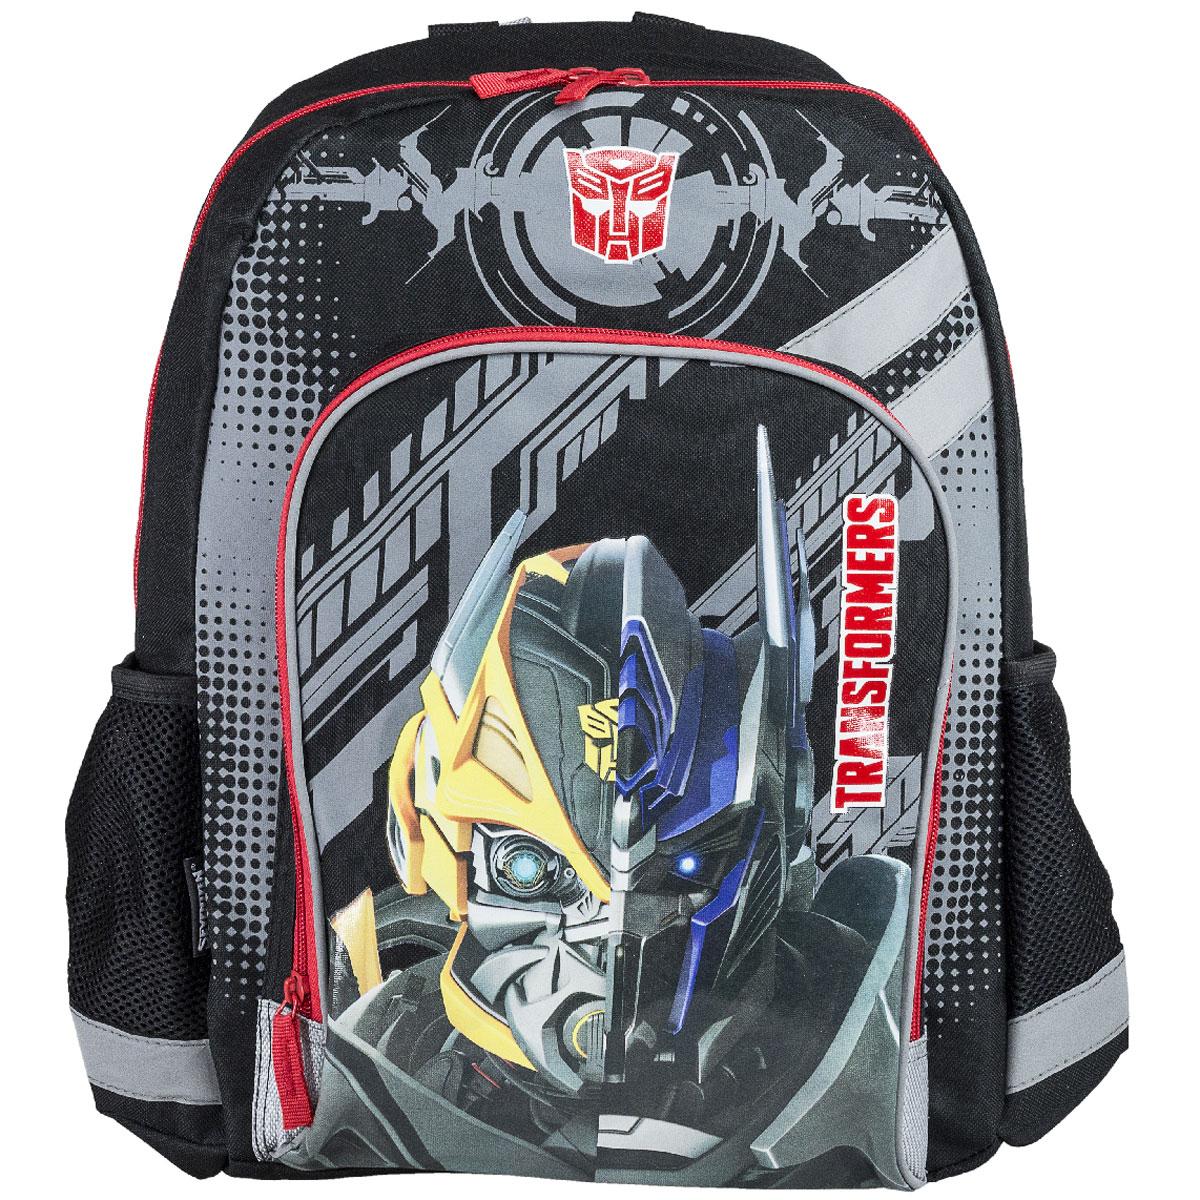 Рюкзак школьный Transformers Prime, цвет: черный, серый красный. TRCB-MT1-988M72523WDРюкзак школьный Transformers Prime обязательно привлечет внимание вашего школьника. Выполнен из прочных и высококачественных материалов, дополнен изображением трансформера.Содержит одно вместительное отделение, закрывающееся на застежку-молнию с двумя бегунками. Внутри отделения находятся две перегородки для тетрадей или учебников, фиксирующиеся резинкой. Дно рюкзака можно сделать жестким, разложив специальную панель с пластиковой вставкой, что повышает сохранность содержимого рюкзака и способствует правильному распределению нагрузки. Лицевая сторона оснащена накладным карманом на молнии. По бокам расположены два накладных кармана-сетка. Конструкция спинки дополнена противоскользящей сеточкой и системой вентиляции для предотвращения запотевания спины ребенка. Мягкие широкие лямки S-образной формы позволяют легко и быстро отрегулировать рюкзак в соответствии с ростом. Рюкзак оснащен текстильной ручкой для удобной переноски в руке. Светоотражающие элементы обеспечивают безопасность в темное время суток.Такой школьный рюкзак станет незаменимым спутником вашего ребенка в походах за знаниями.Вес рюкзака без наполнения: 550 г.Рекомендуемый возраст: от 12 лет.